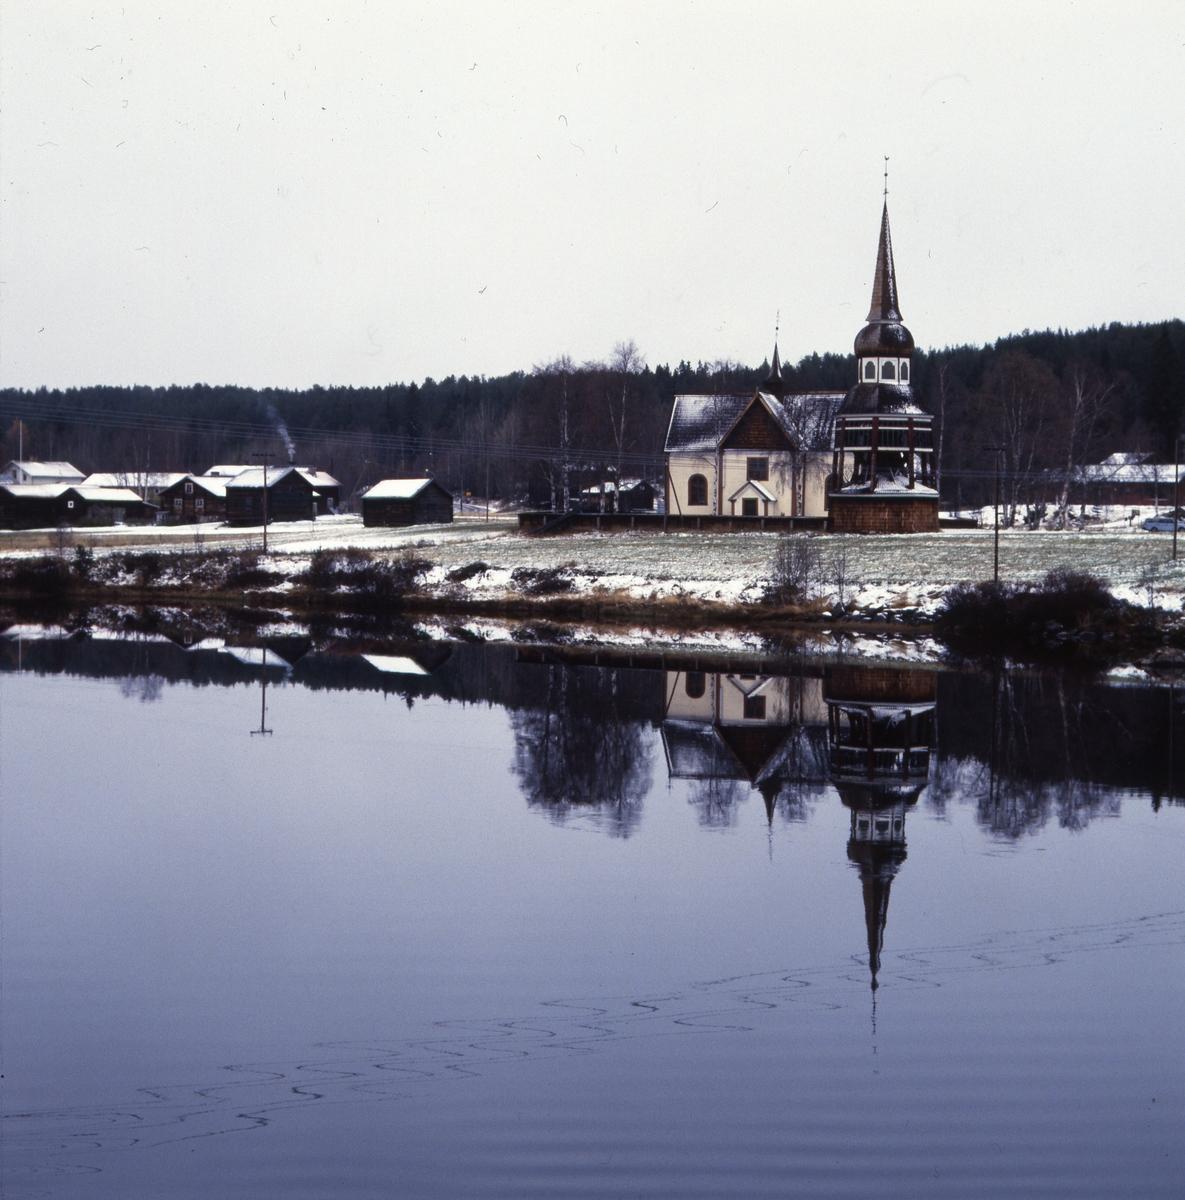 Jmtland: Landskapets kyrkor - Samla - Riksantikvariembetet